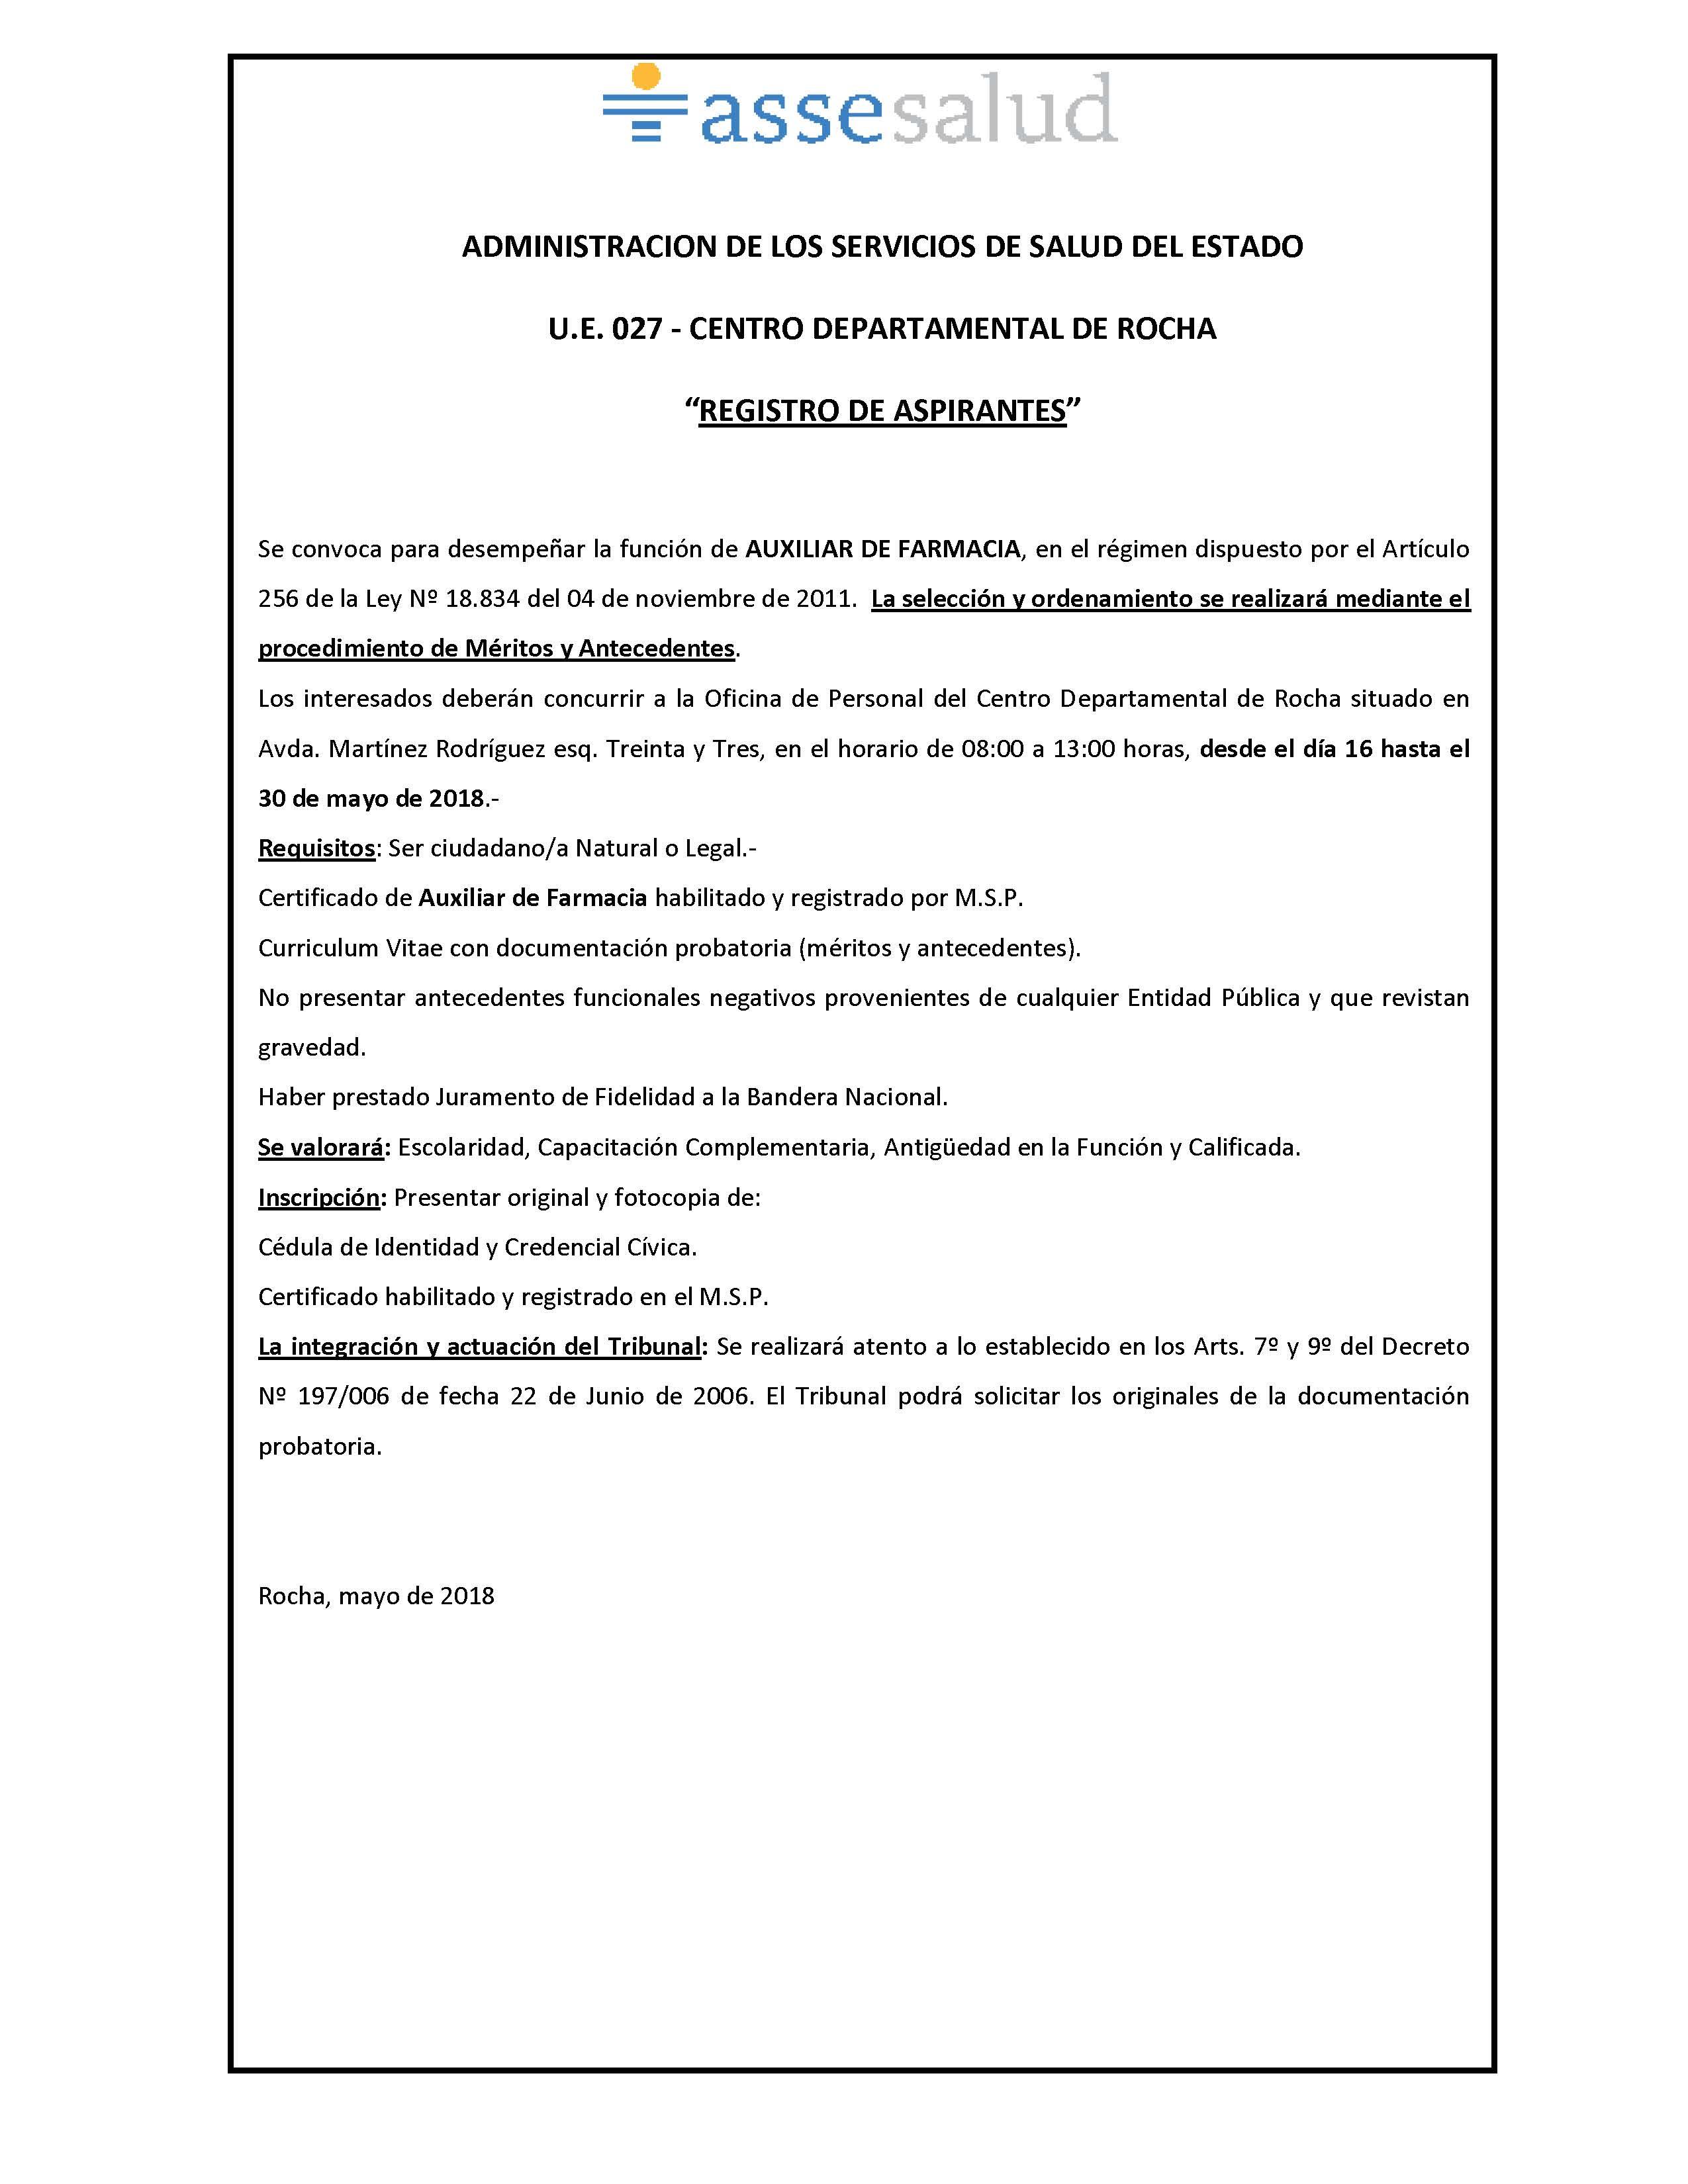 Excepcional Currículum De Asistente De Oficina Imagen - Ejemplo De ...